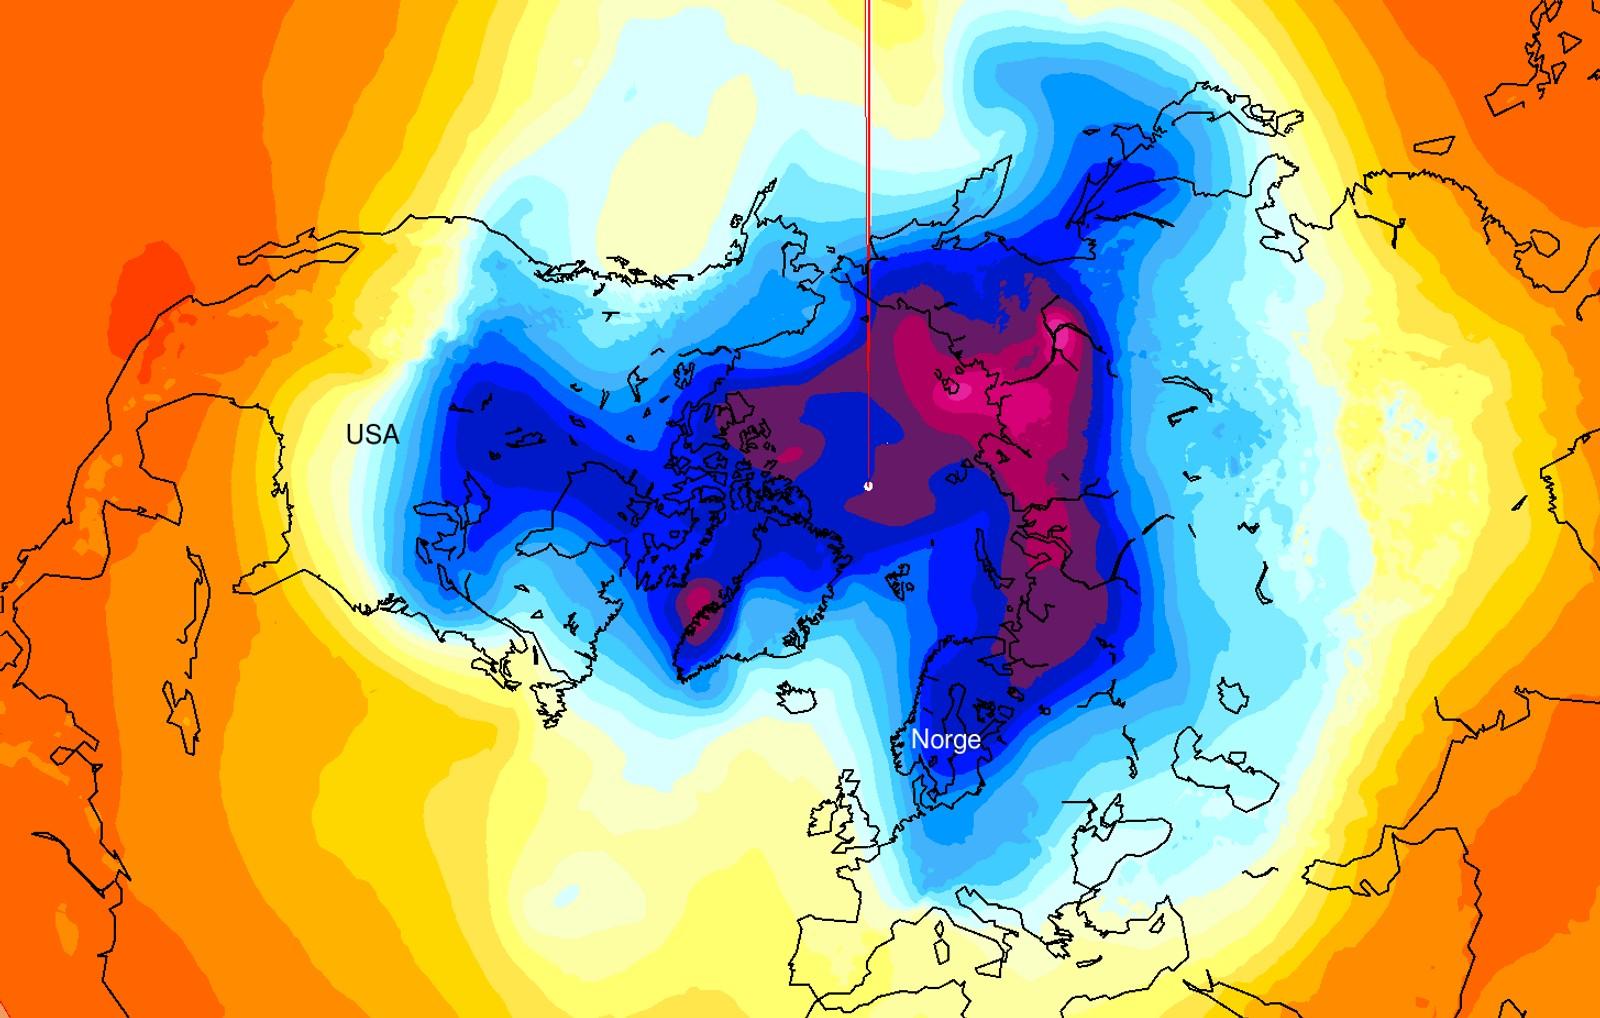 TORSDAG 5. JANUAR: Kalde og varme luftmasser sett med Nordpolen som sentrum.